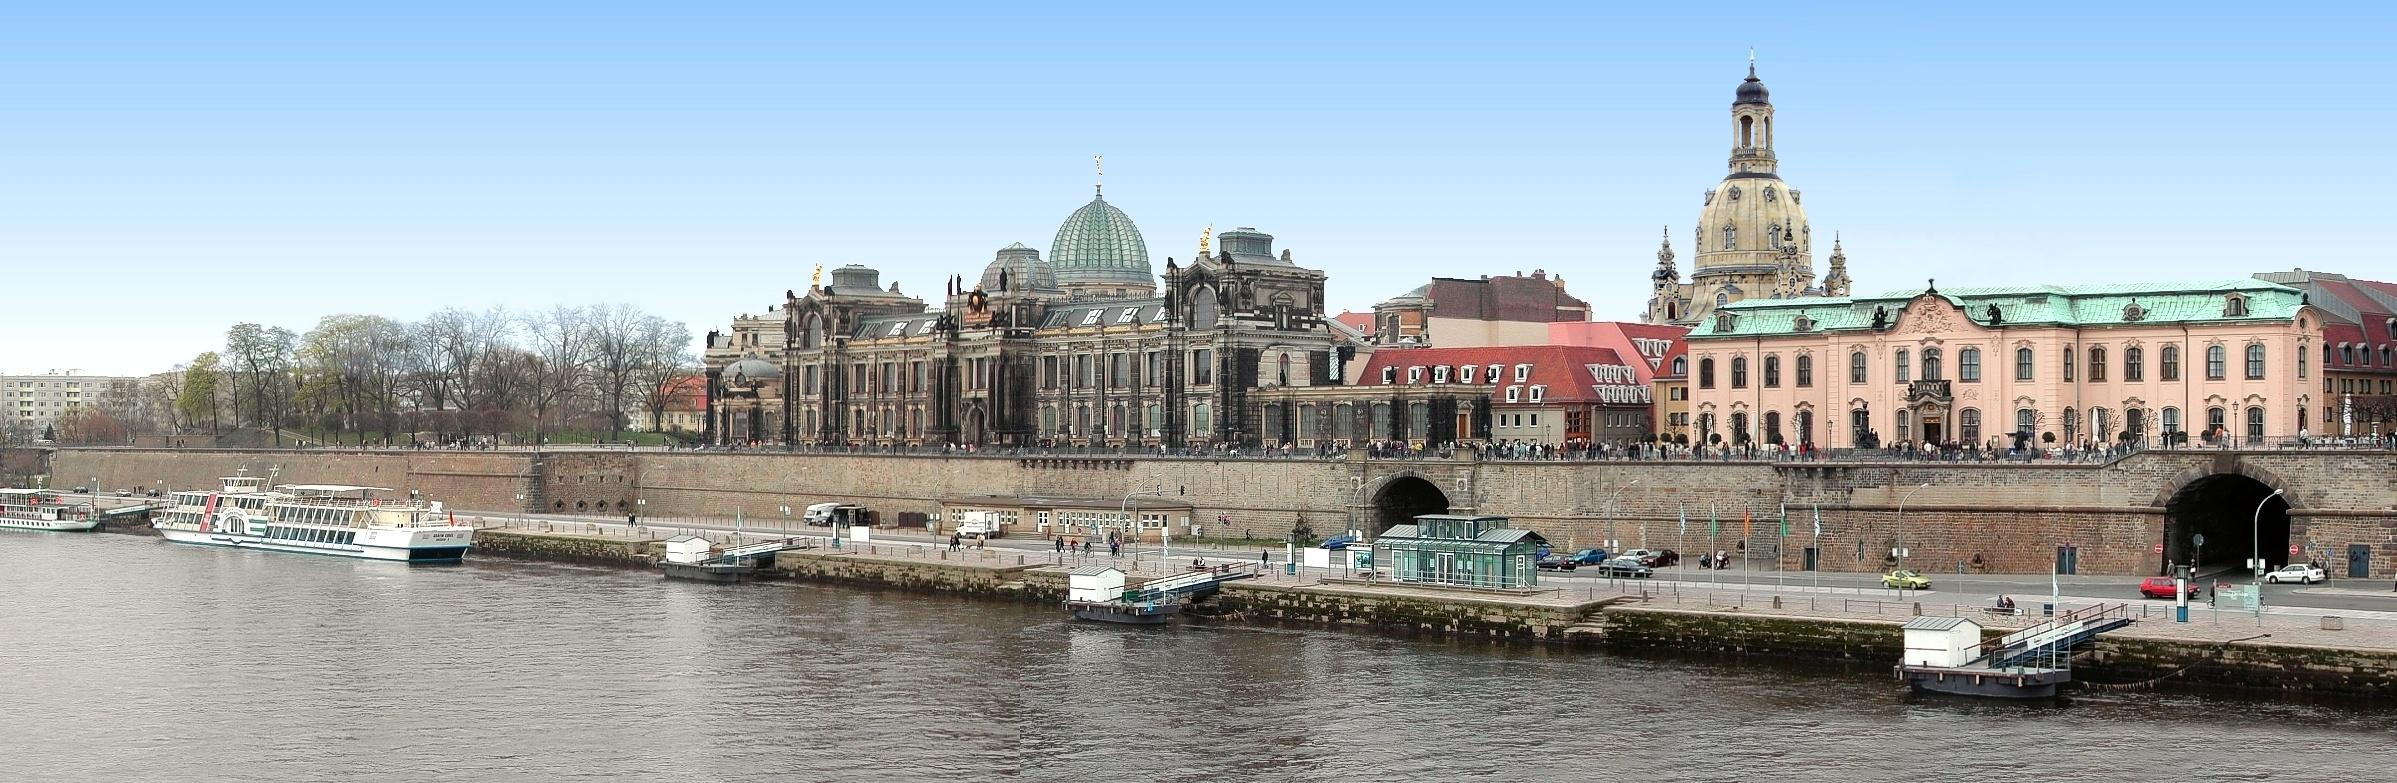 Dresden Und Sachsen Dresden Bruhlsche Terrasse Museum Festung